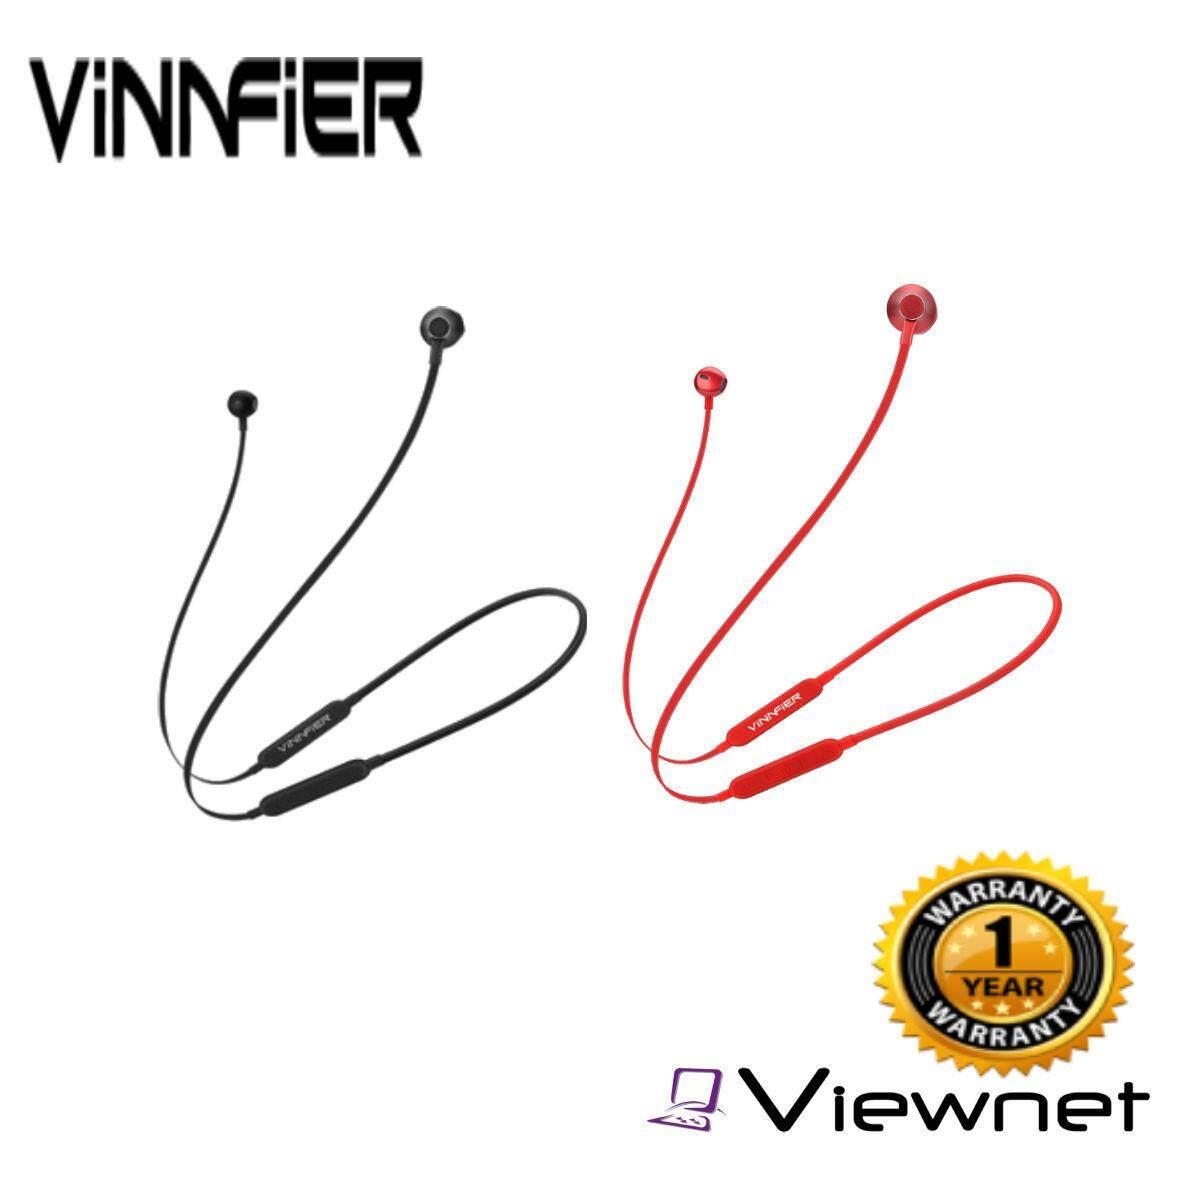 Vinnfier Sporta 5 Pro Wireless Bluetooth Sport Earphone(Black/Red)